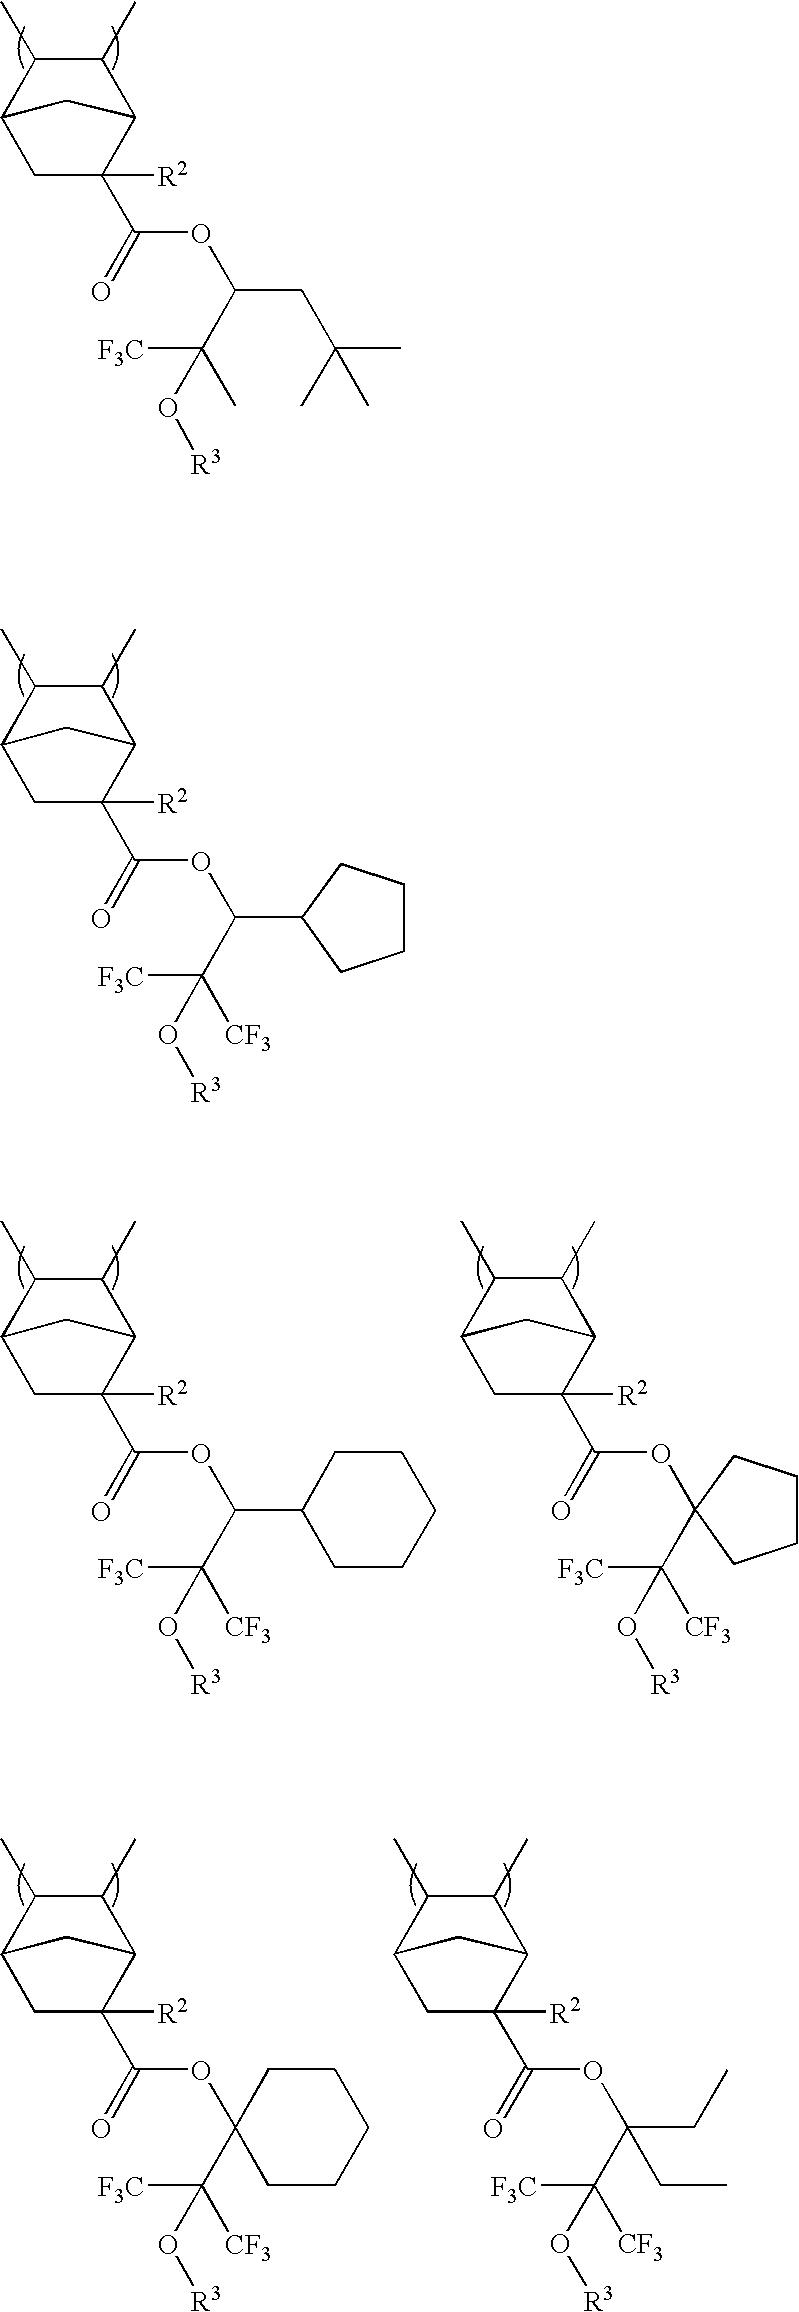 Figure US20090280434A1-20091112-C00018